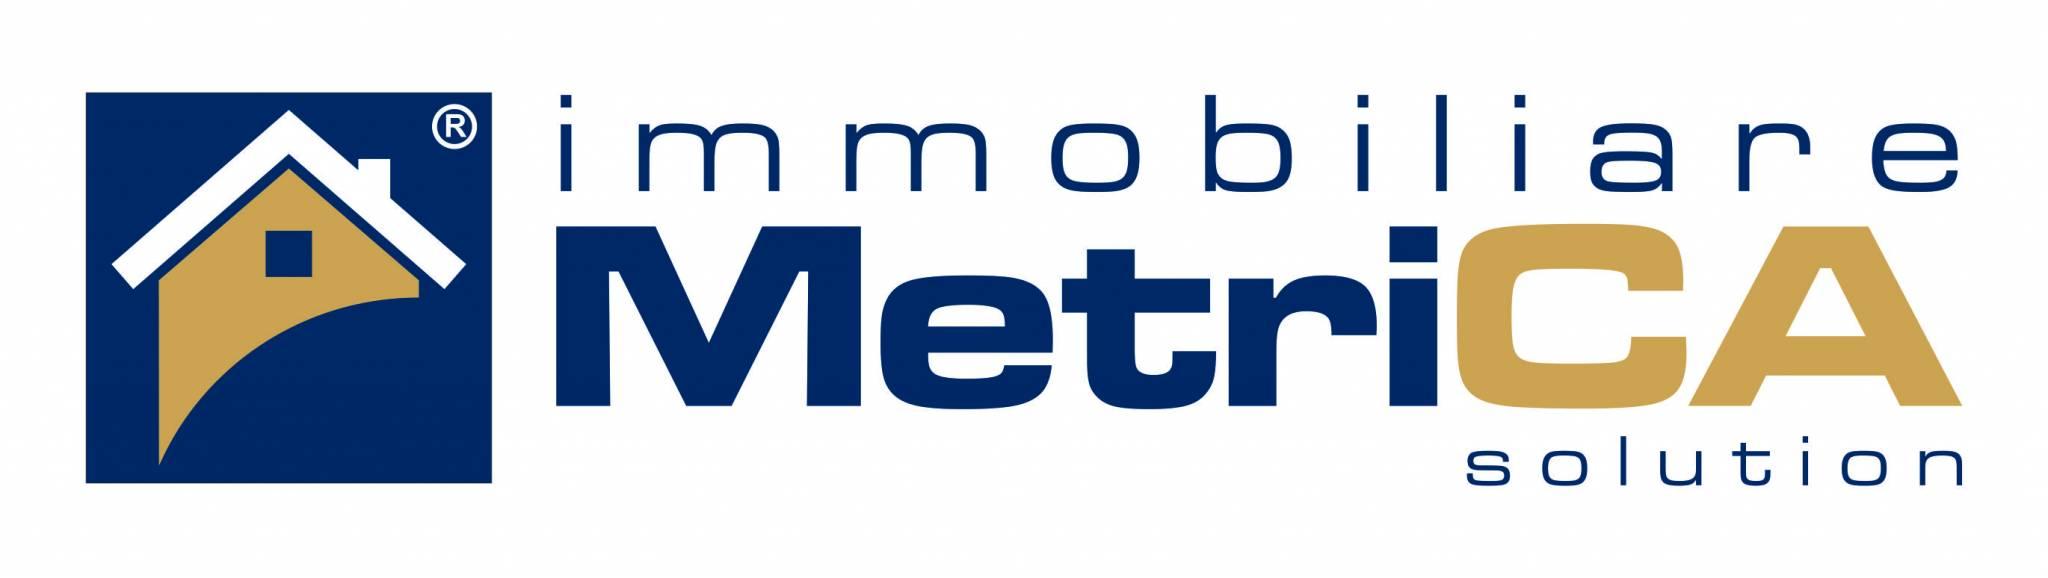 logo agenzia IMMOBILIARE METRICA STUDIO DEL CORSO